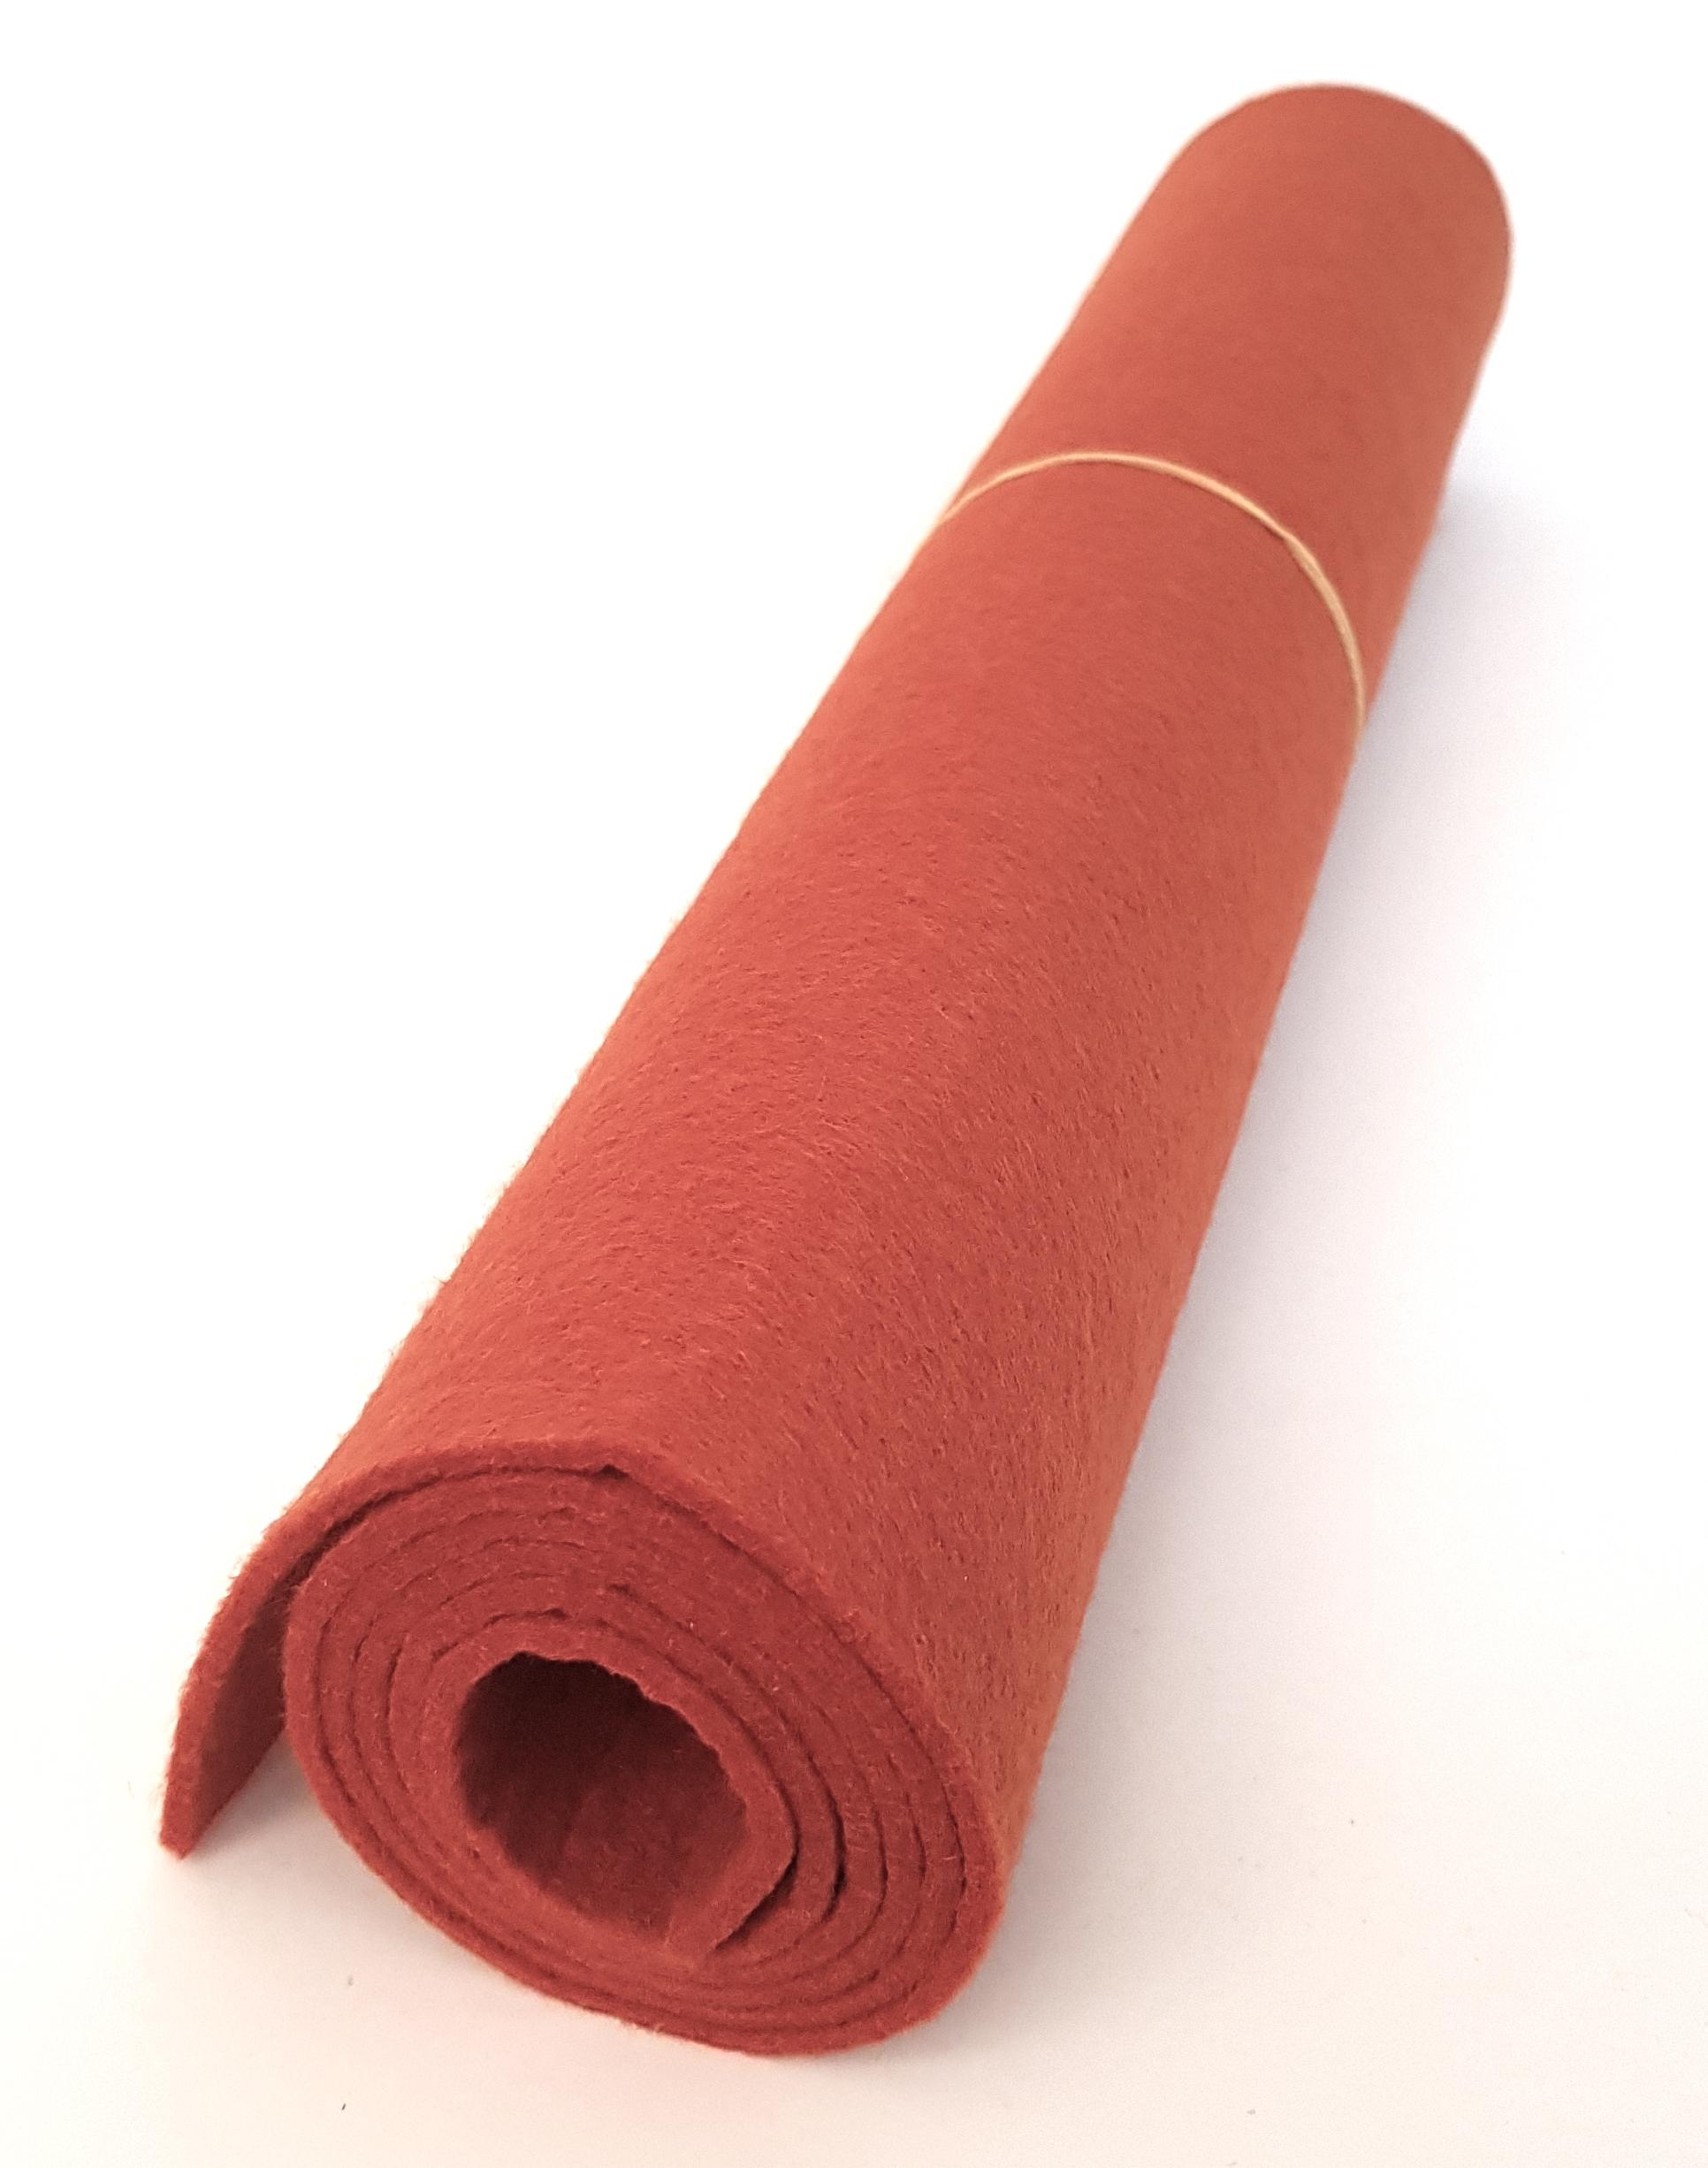 rot-braunes Filz - Handgemachte individualisierbare Taschen, Körbe, Tischsets, Dekoartikel und mehr auf fideko.de der Onlineshop seit 2011